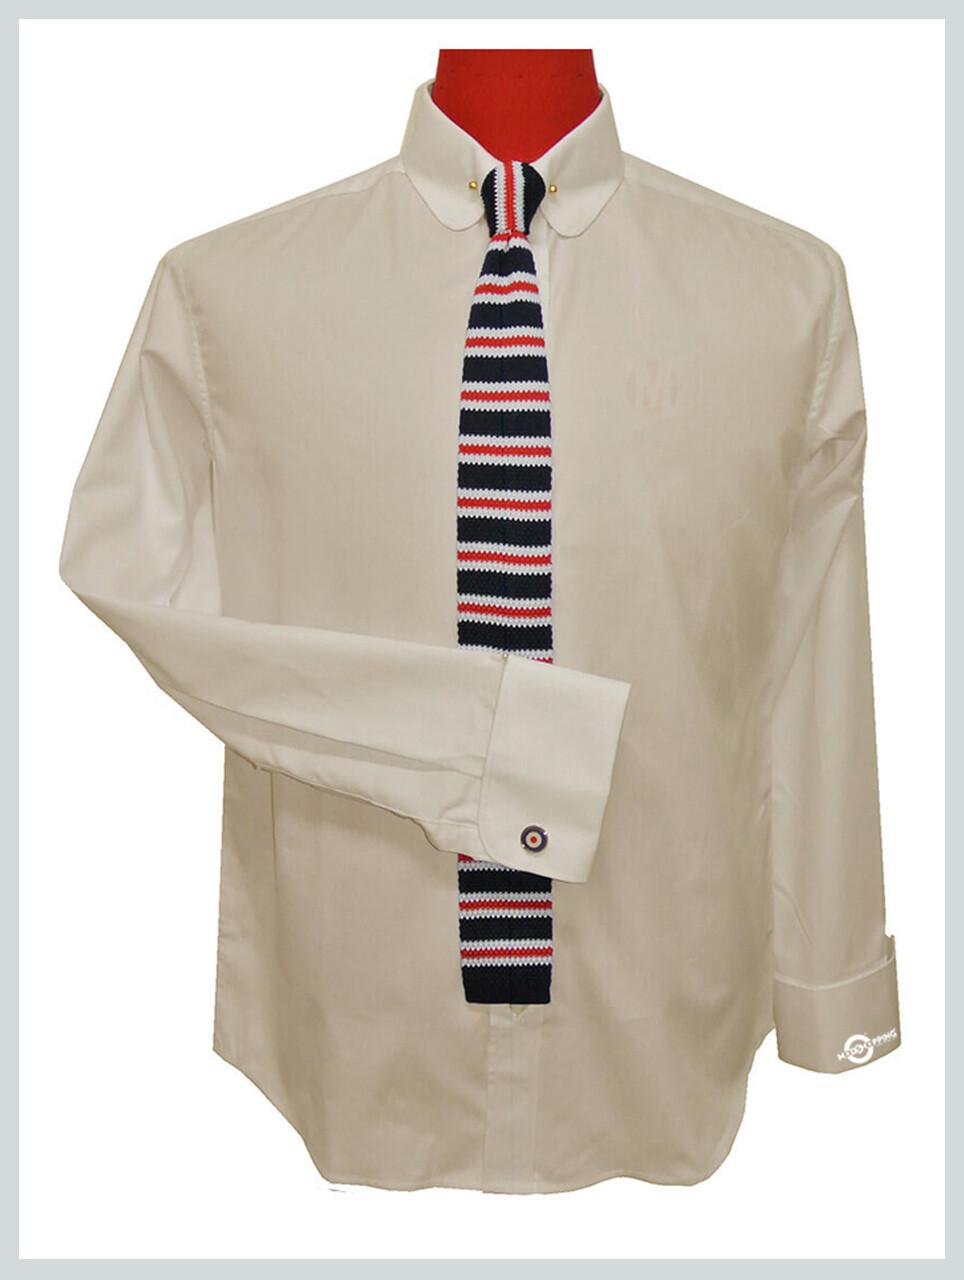 Cream Shirt| 60s Mod Style Penny Pin Collar Shirt Uk